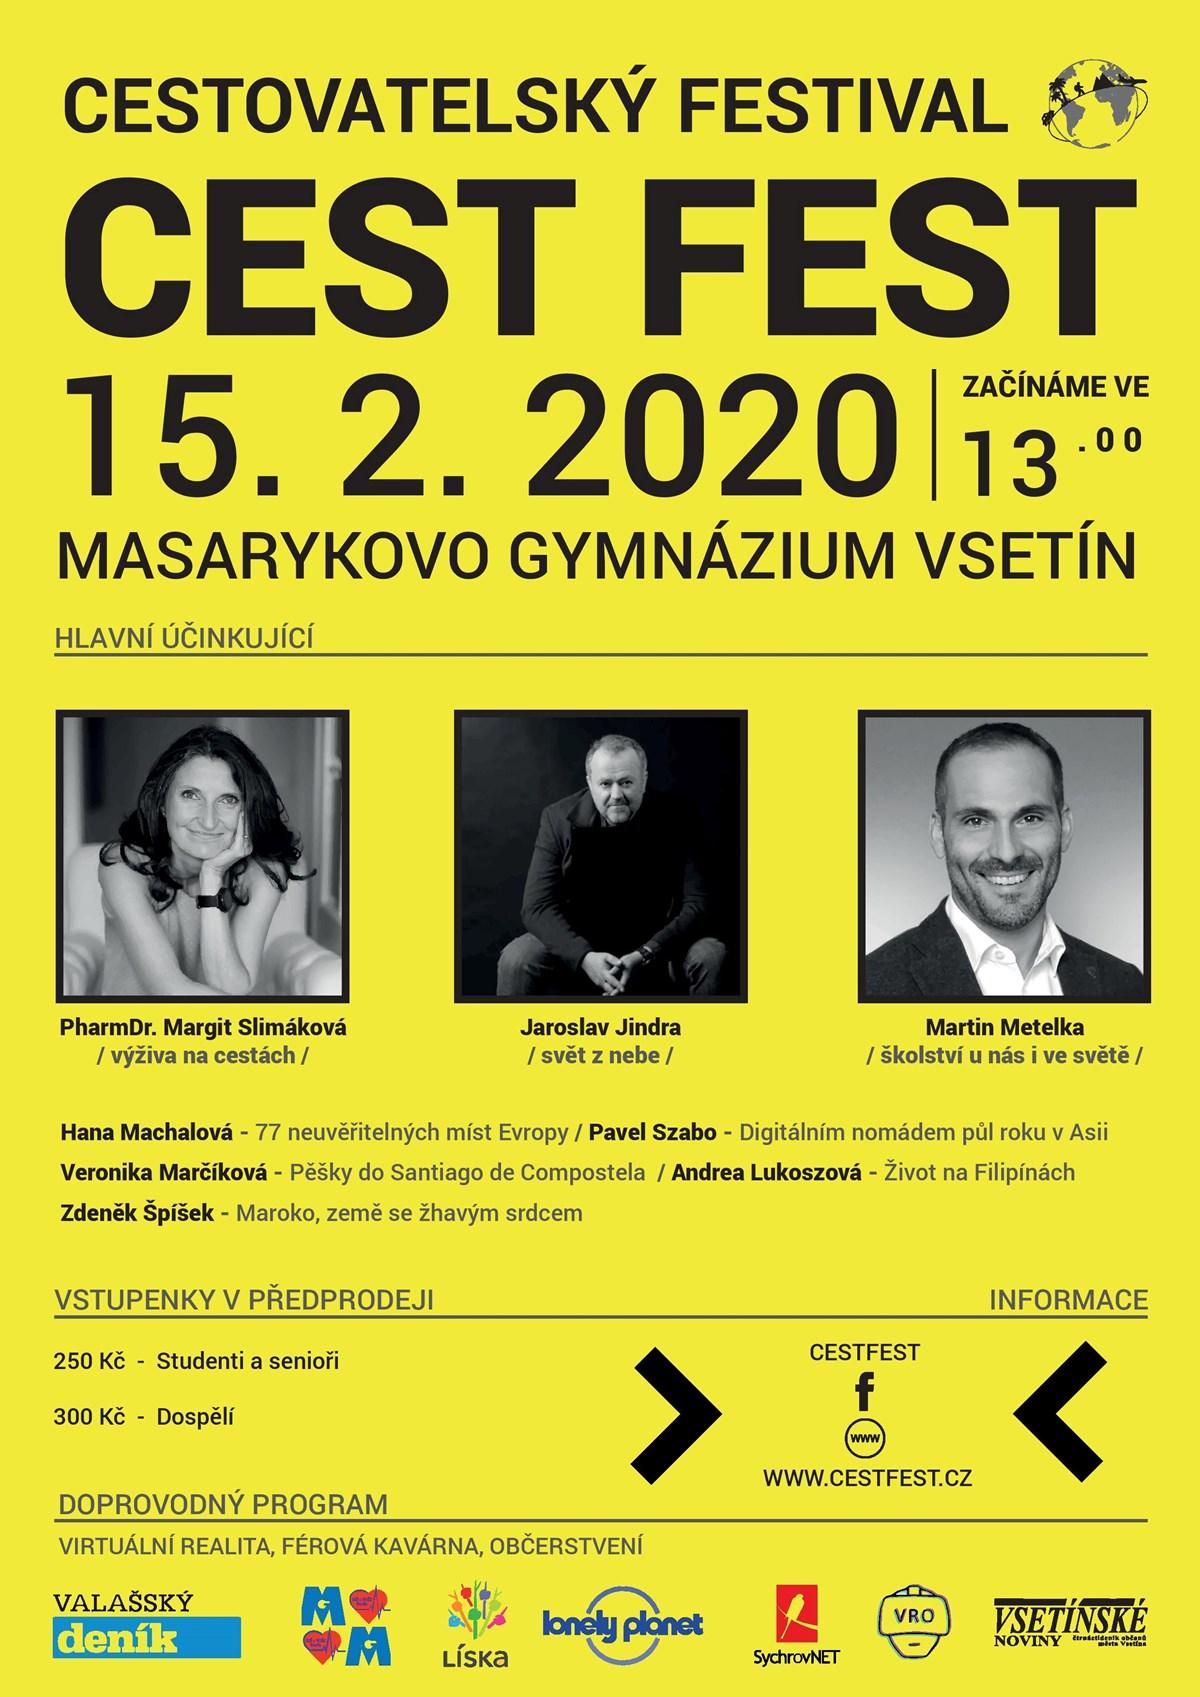 CEST FEST 2020